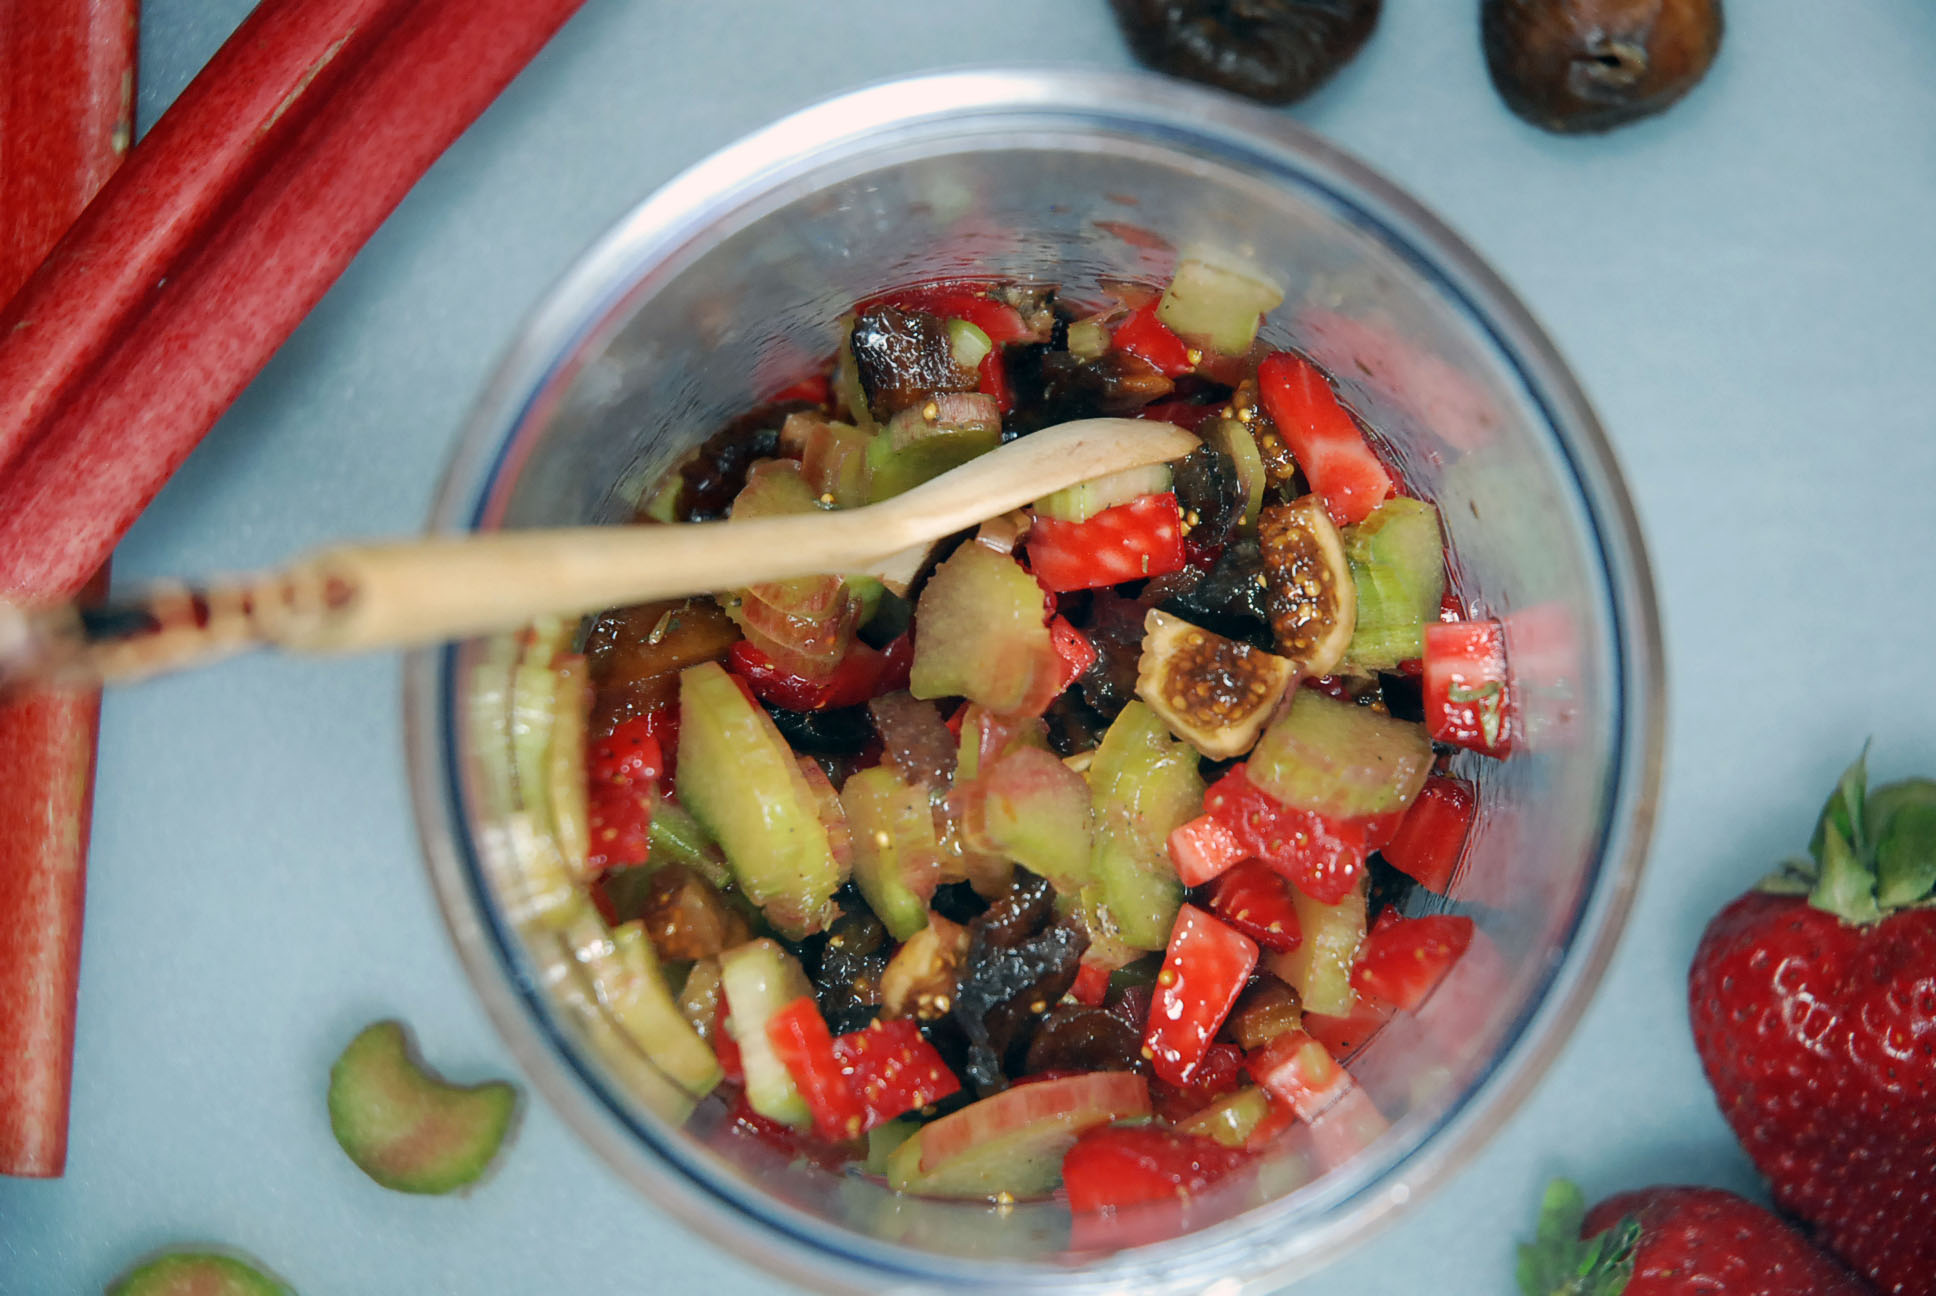 Rohes Rhabarberkompott / Raw rhubarb compote